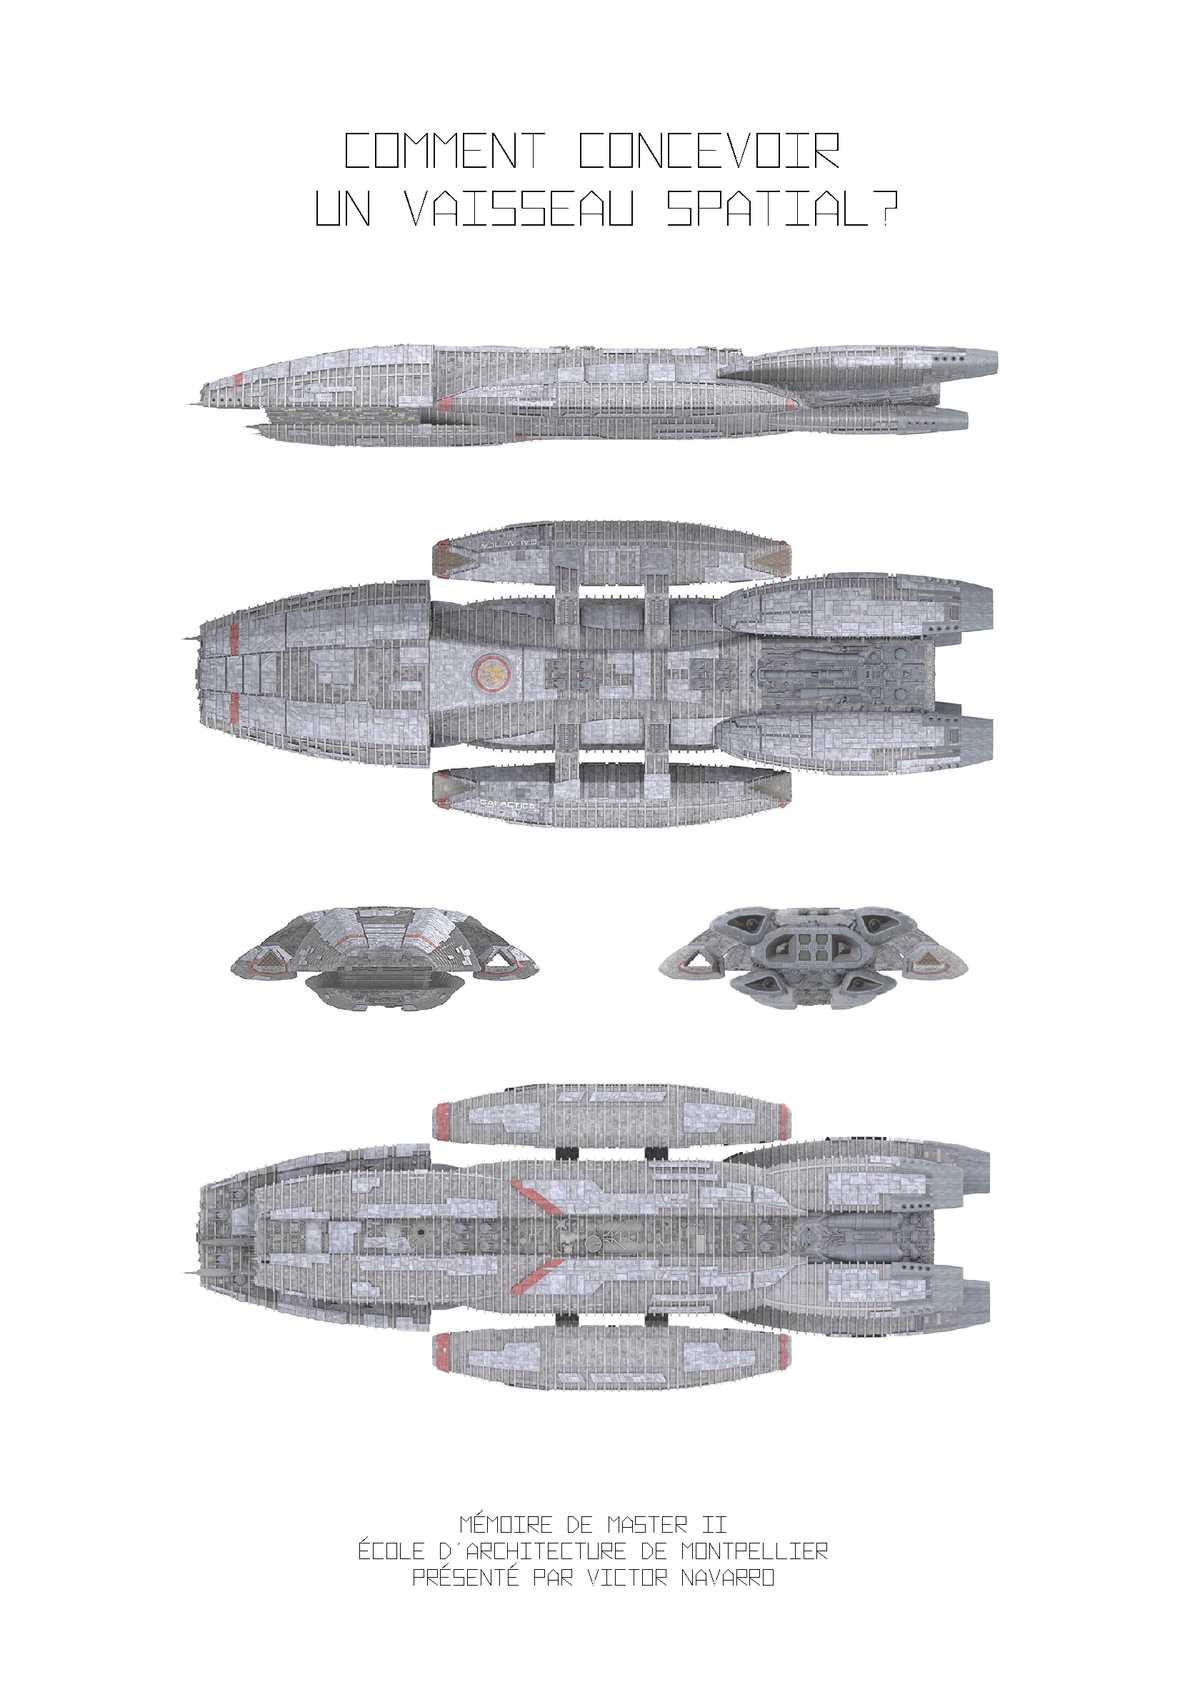 Comment concevoir un vaisseau spatial? - Mémoire de Master II Architecture - Victor Navarro